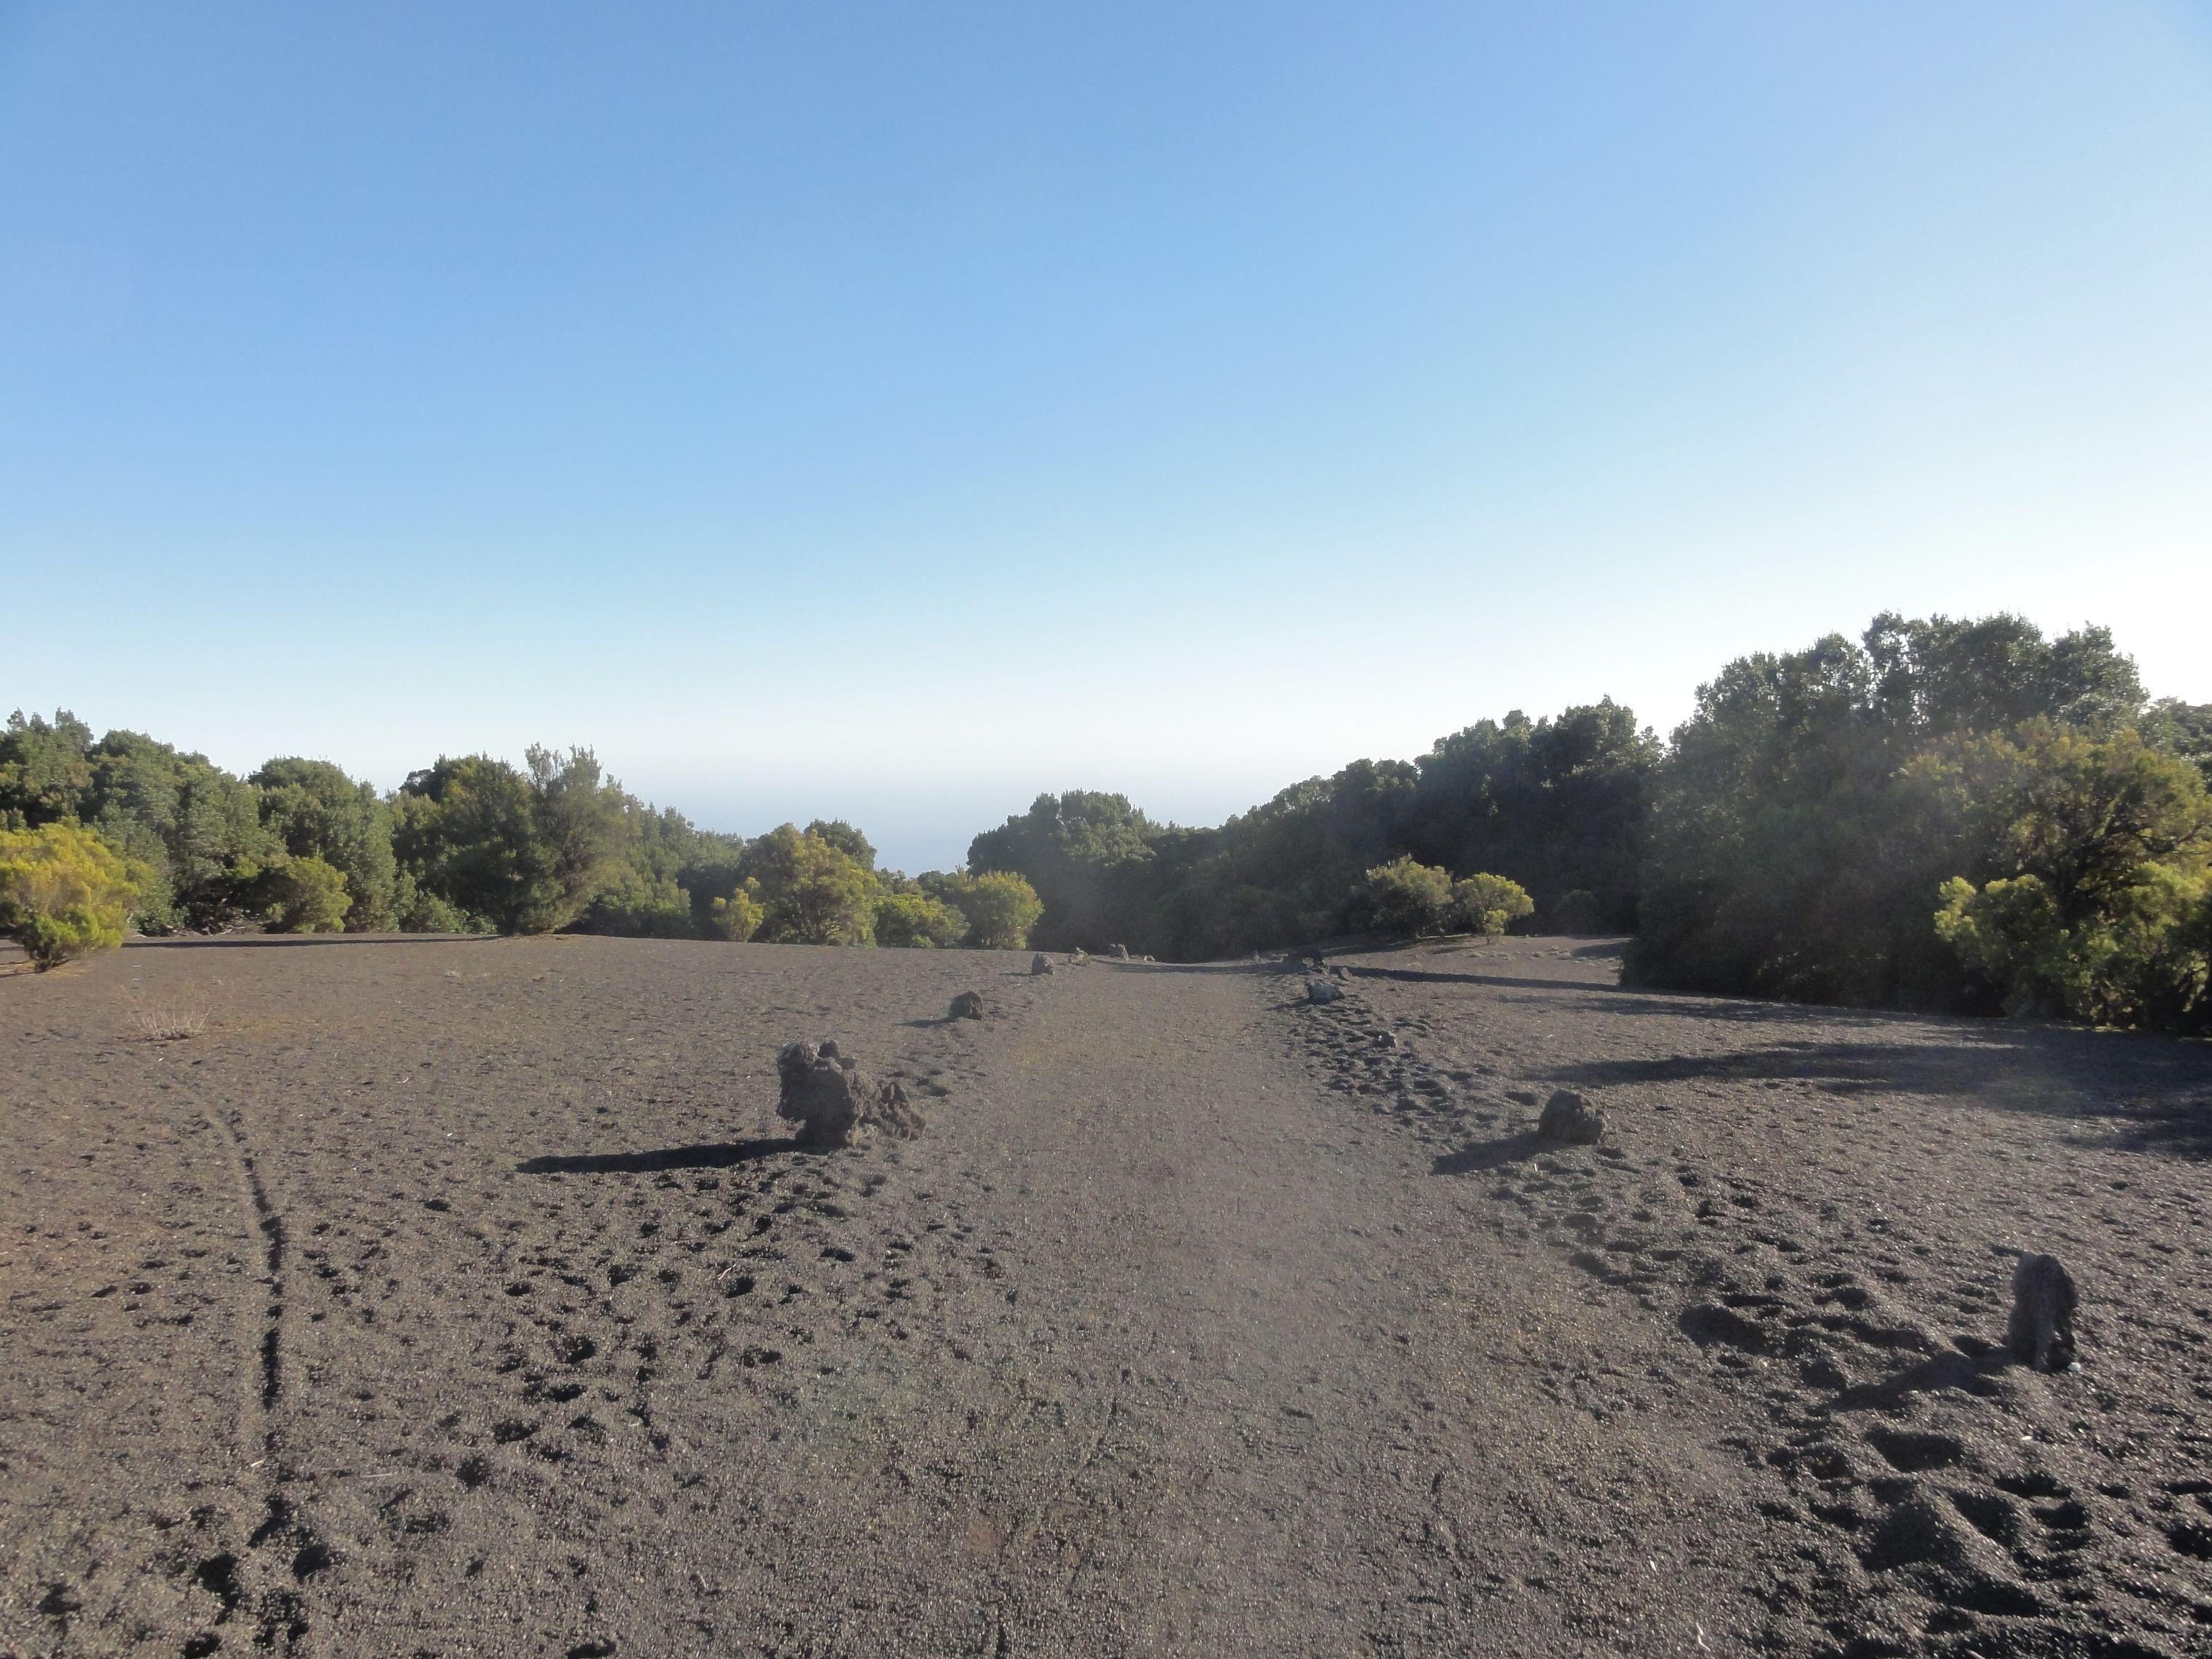 20180122 Rando cratere 31